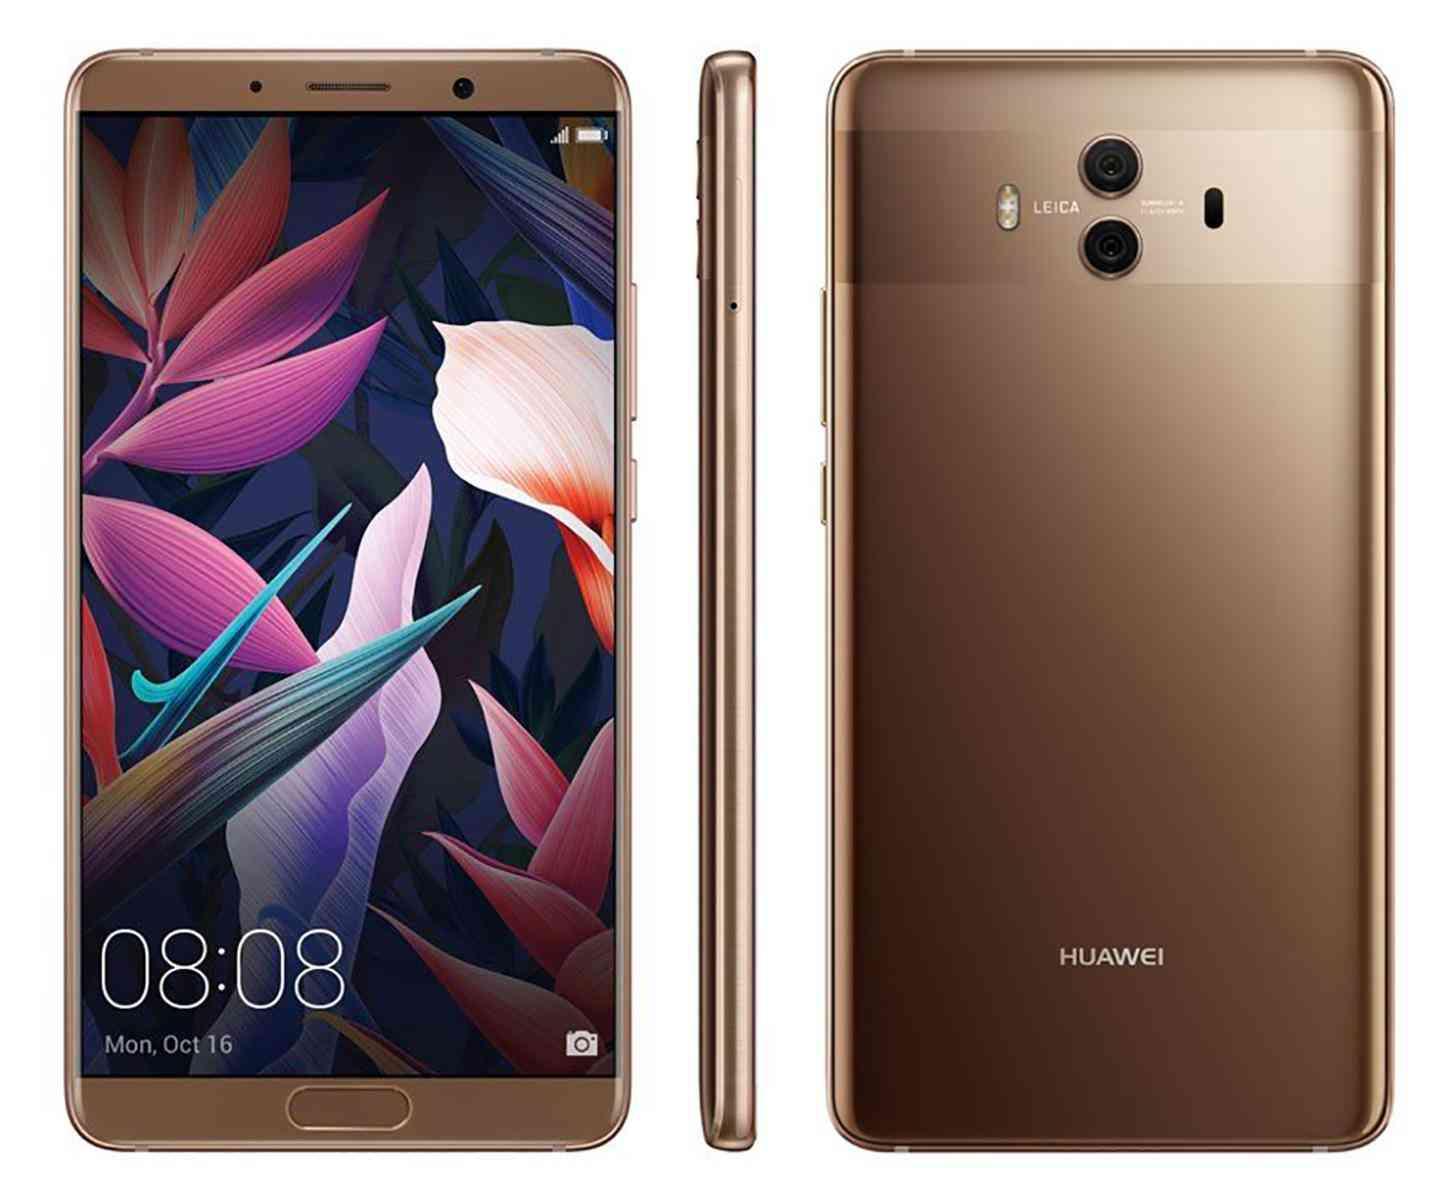 Huawei Mate 10 Mocha official